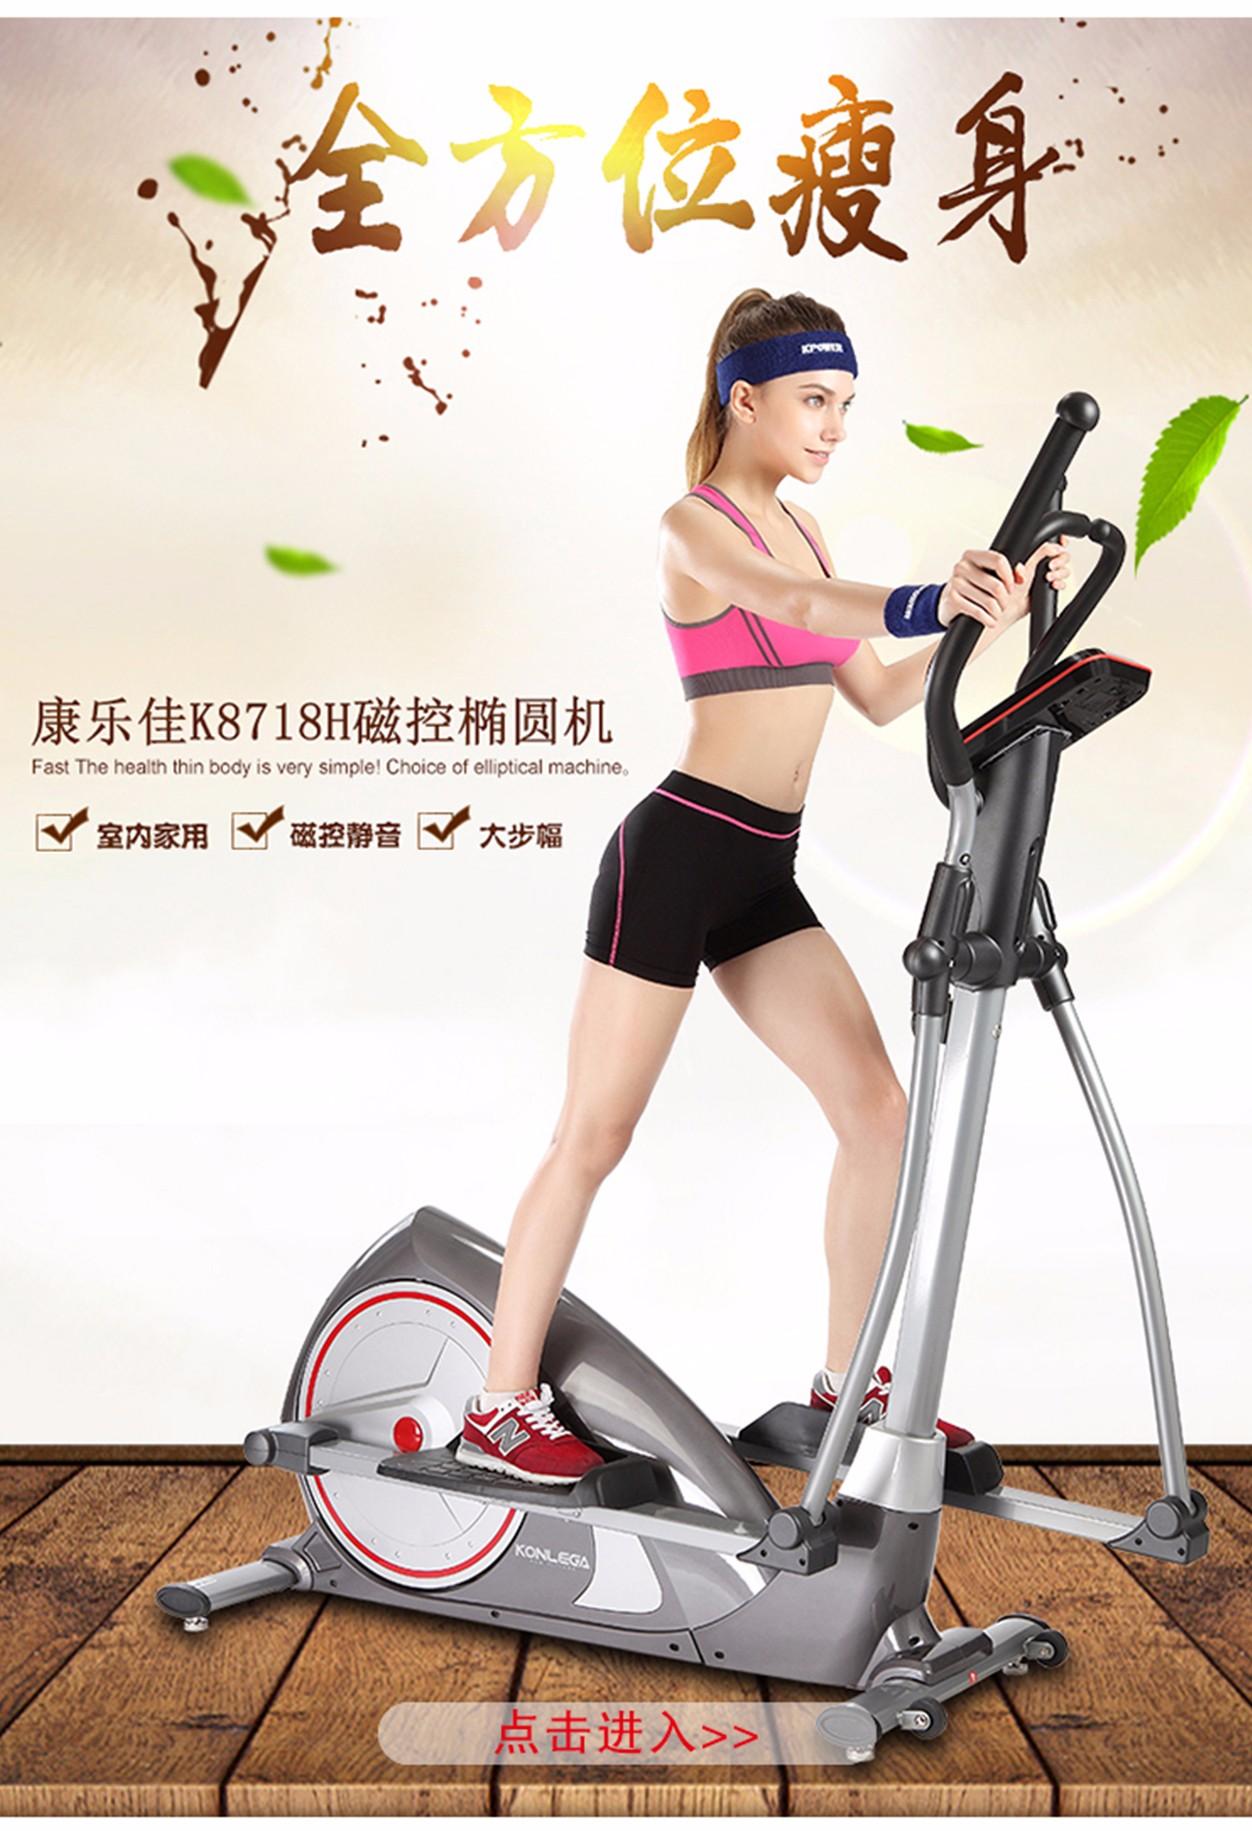 凯旋体育,东莞按摩椅,东莞跑步机,按摩椅,跑步机,健身器材,按摩小件,体育用品